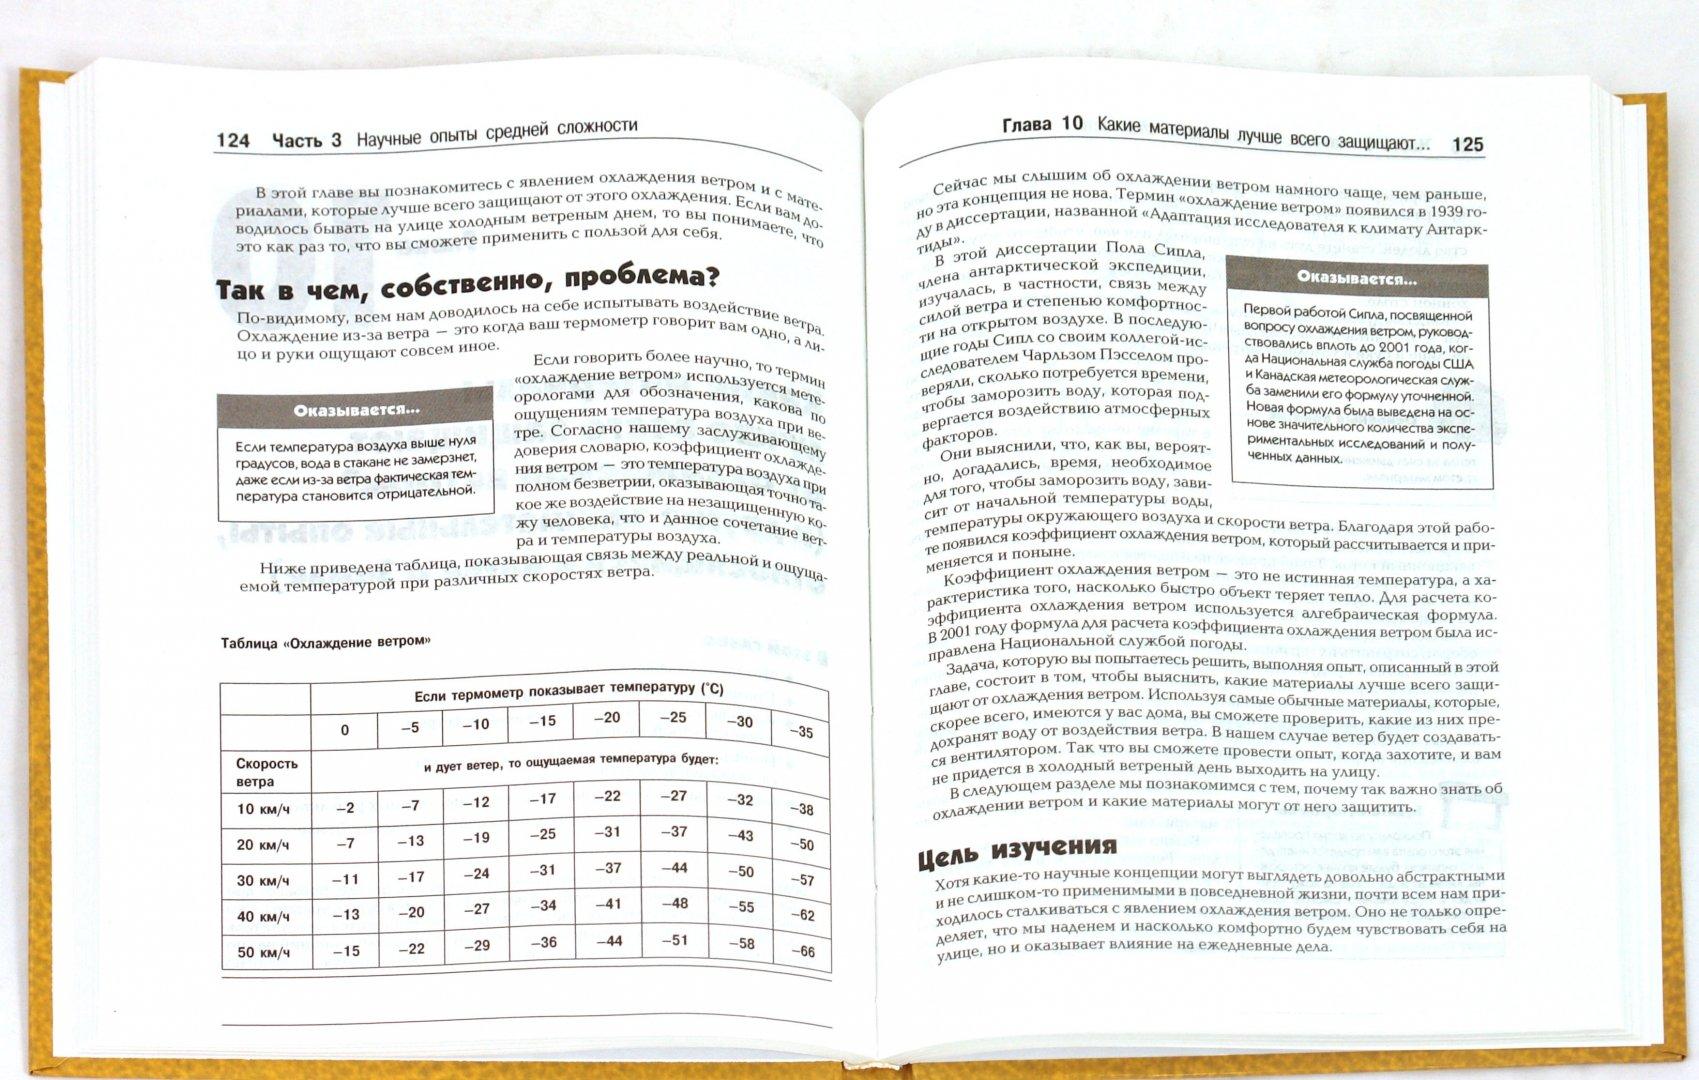 Иллюстрация 1 из 6 для Увлекательные опыты. Биология, физика, химия, науки о Земле - О`Лири, Шелли   Лабиринт - книги. Источник: Лабиринт